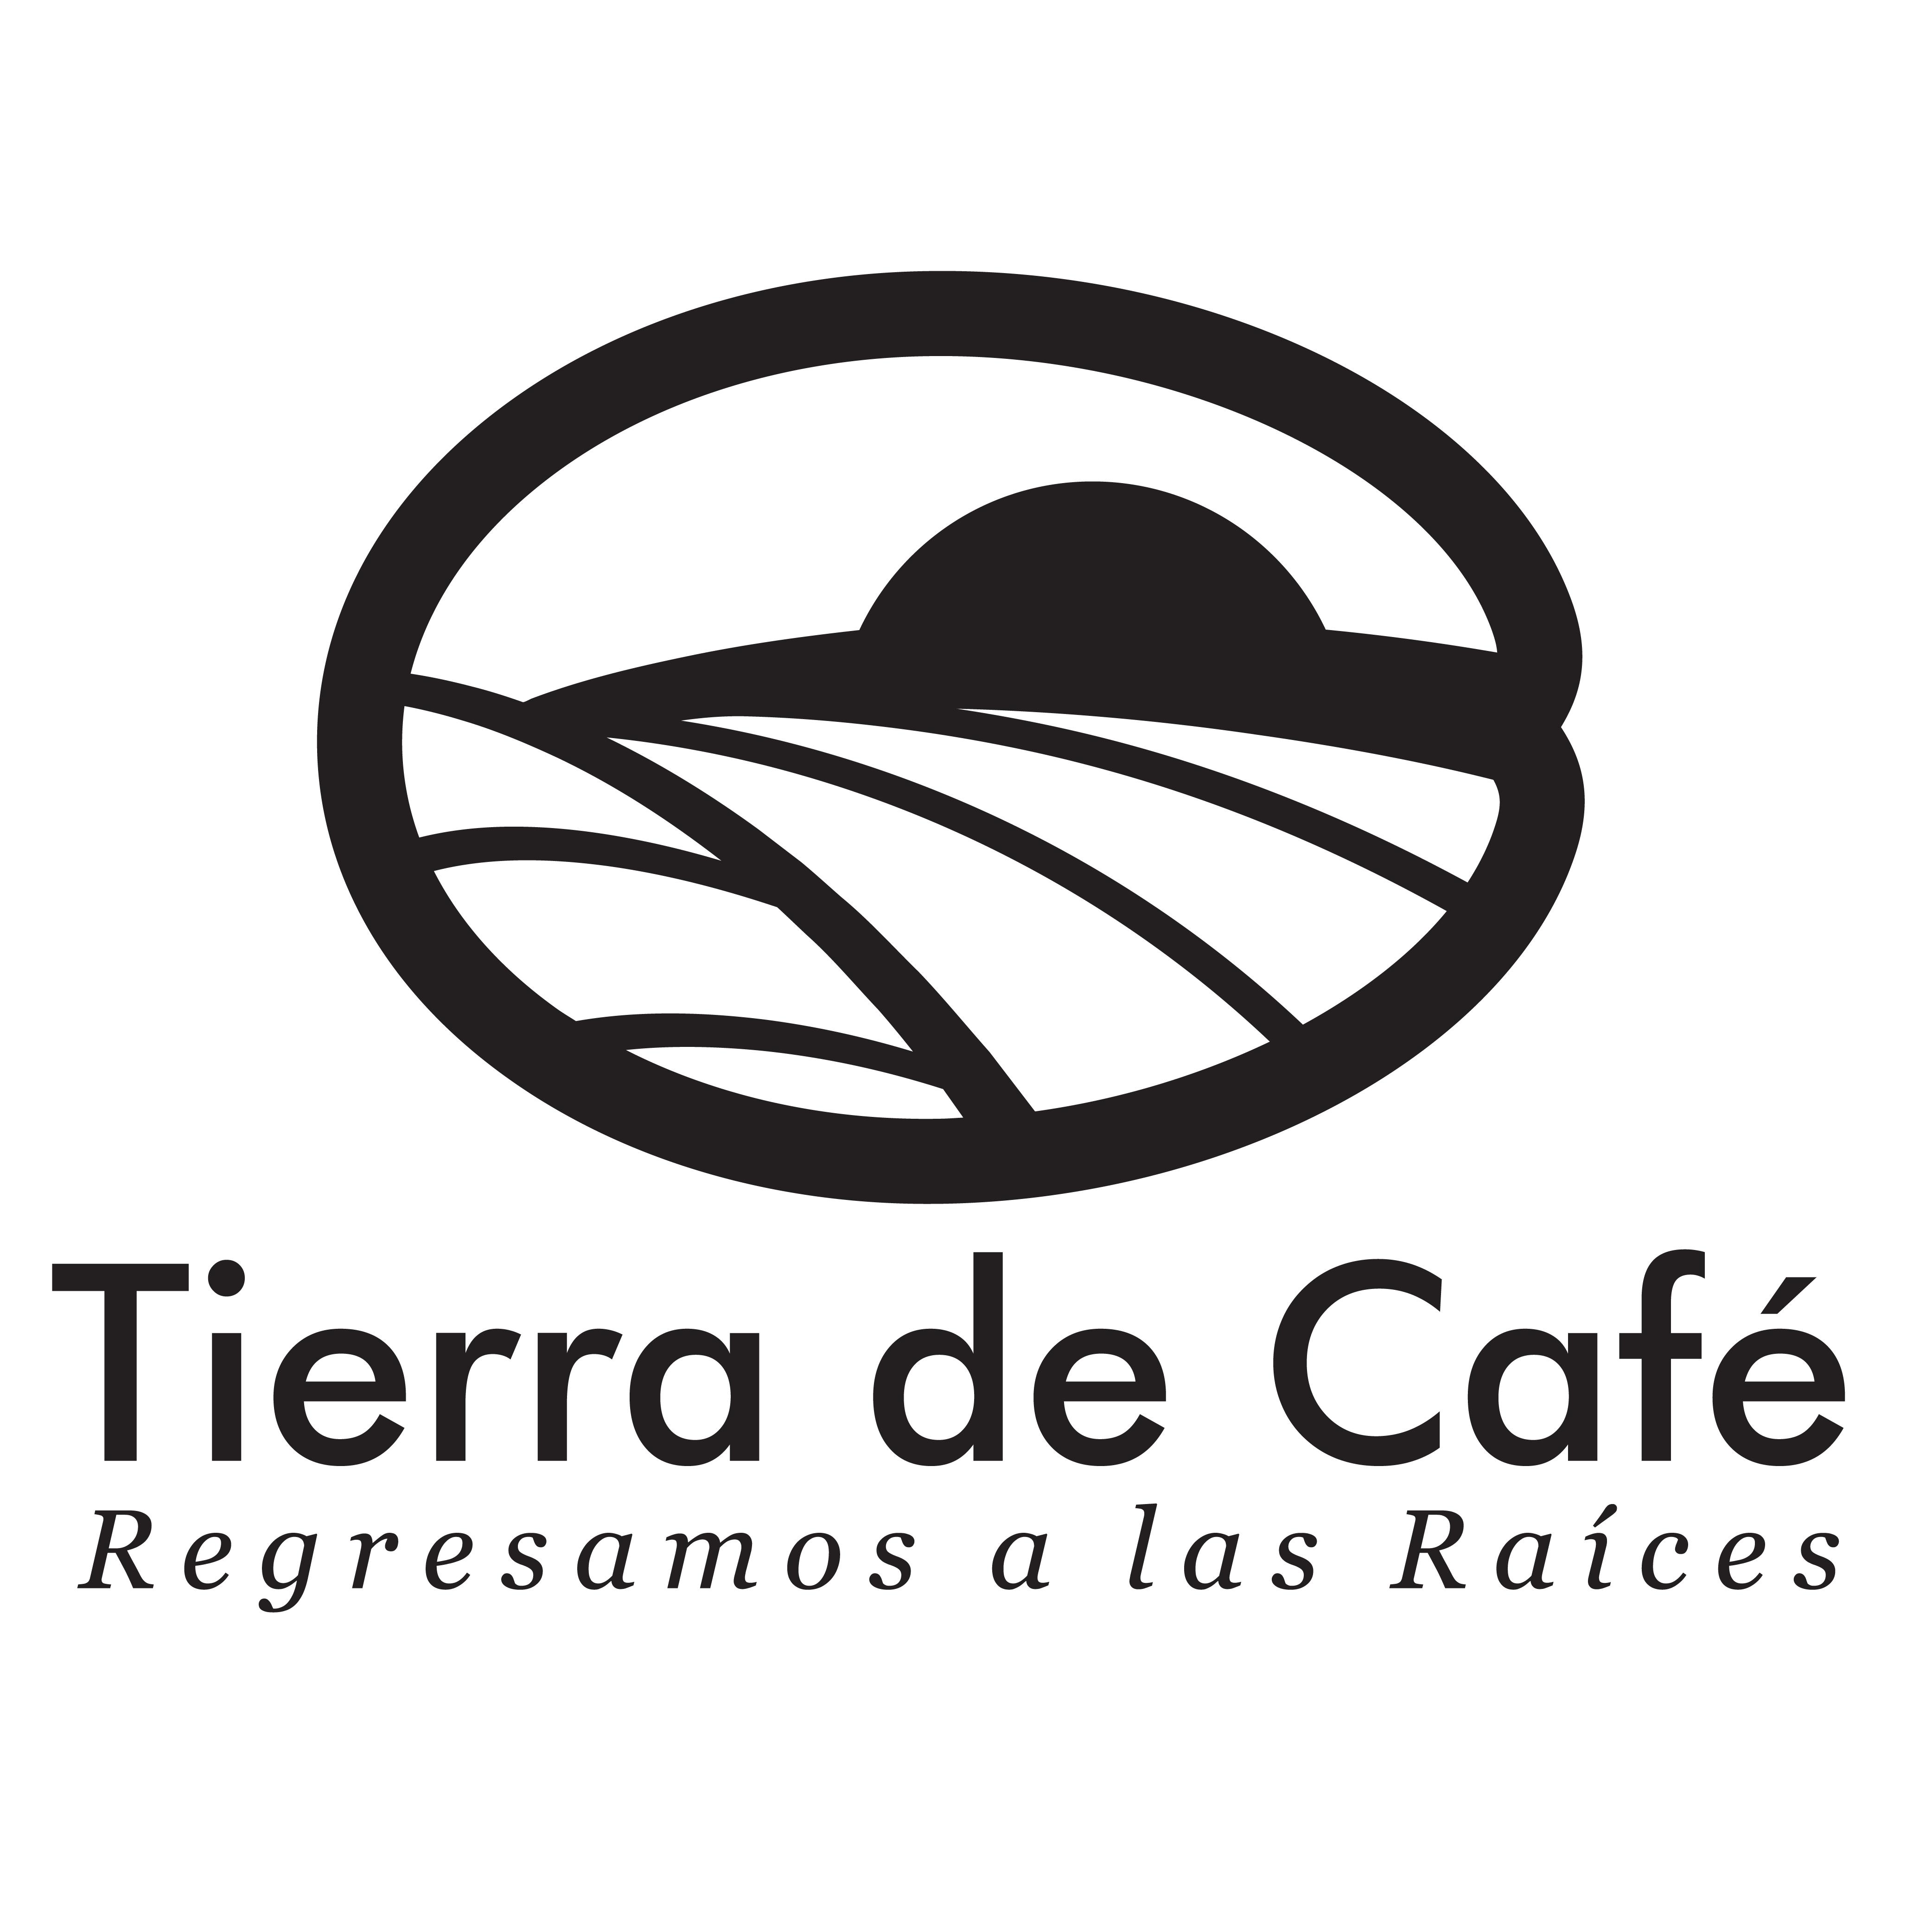 Tierra de cafe MX